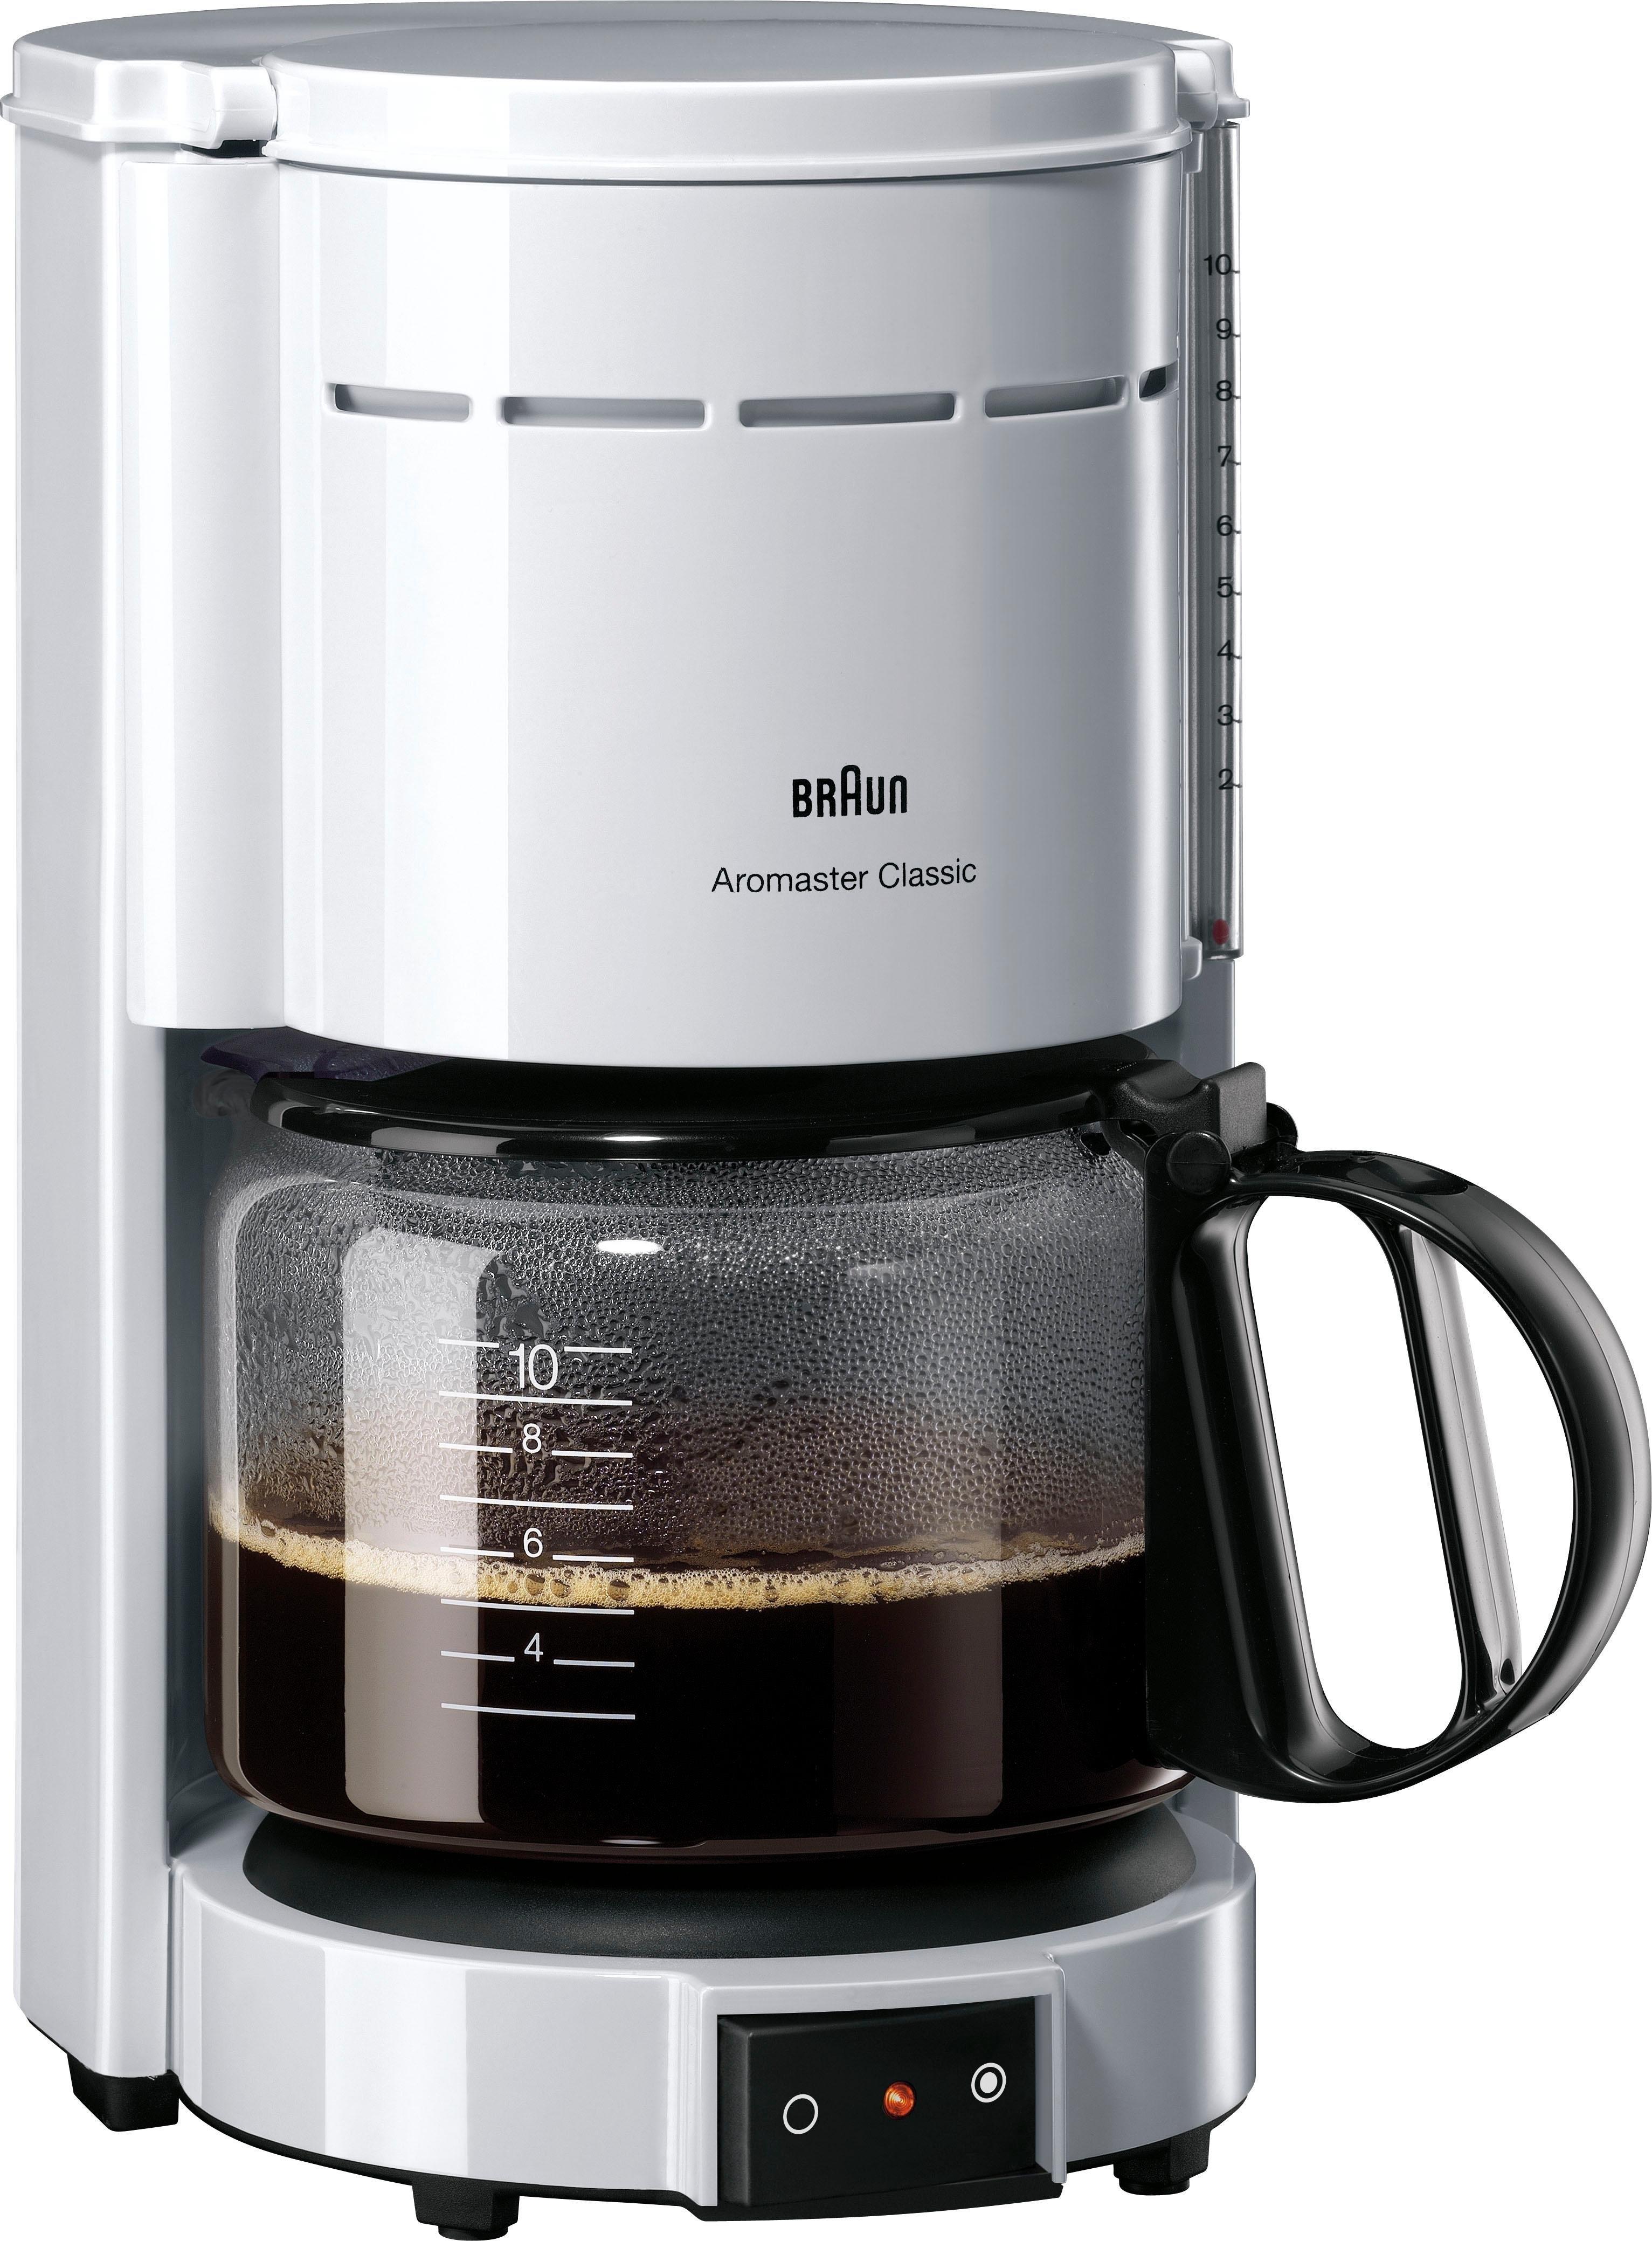 Braun Koffiezetapparaat Aromaster Classic KF 47/1, met glazen kan, wit online kopen op otto.nl